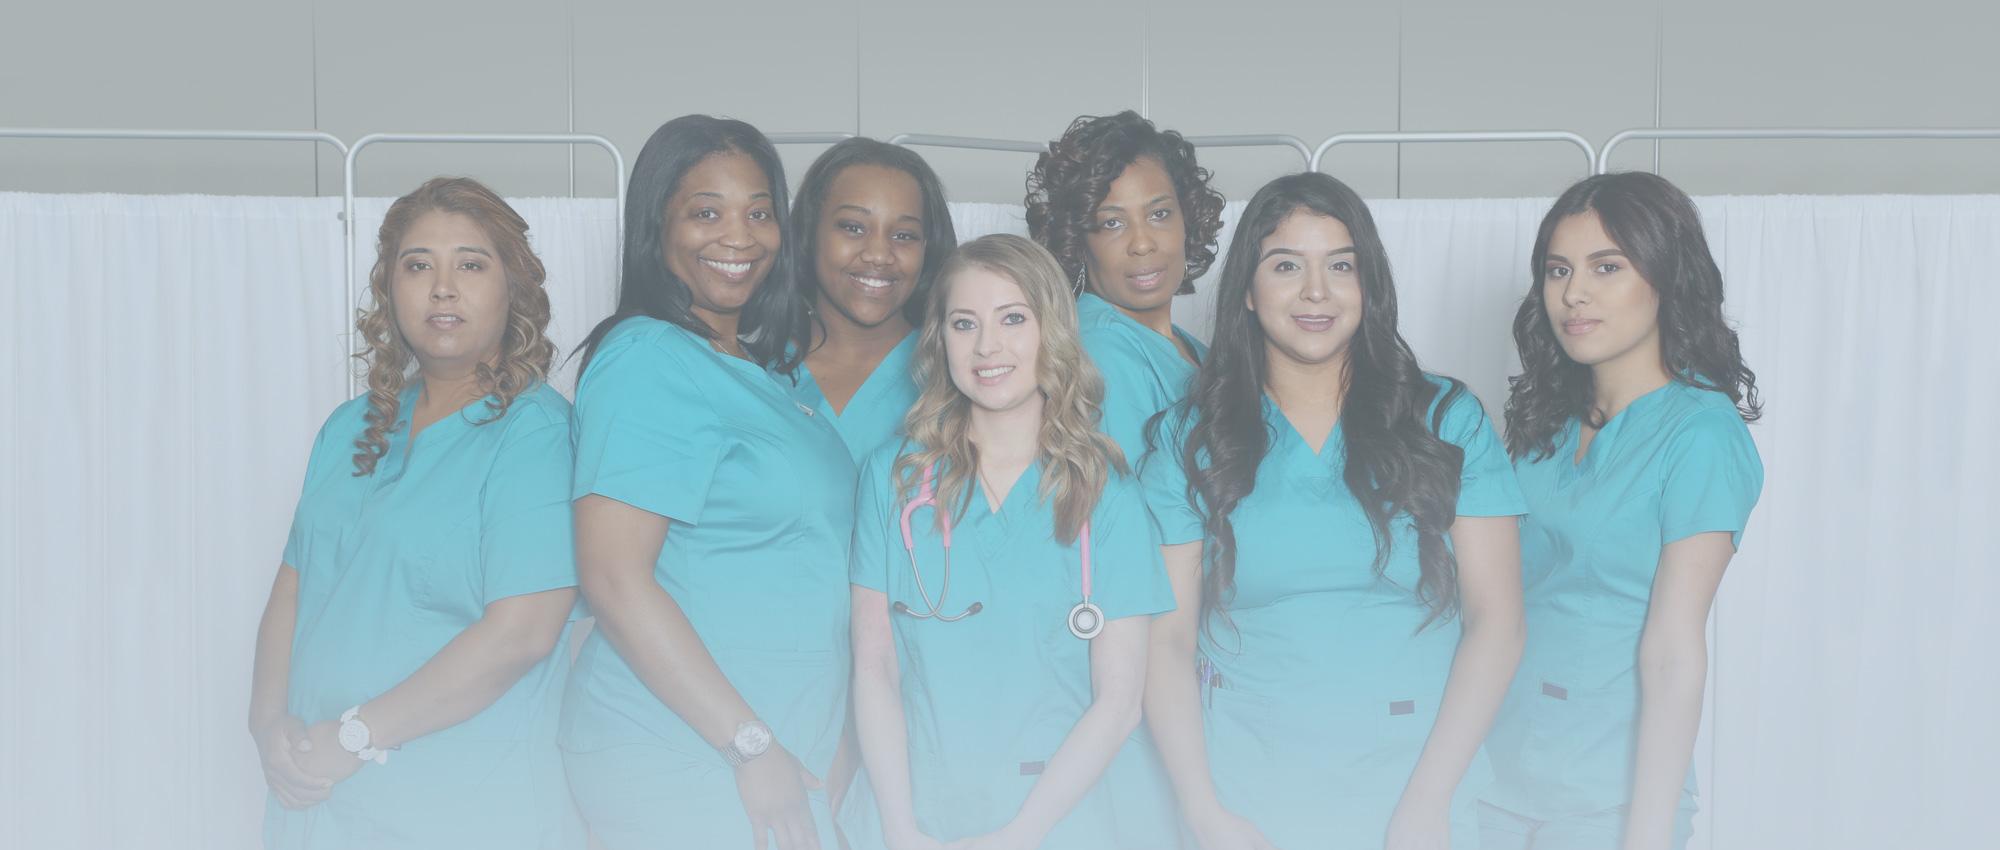 Group of Smiling Female Nurses